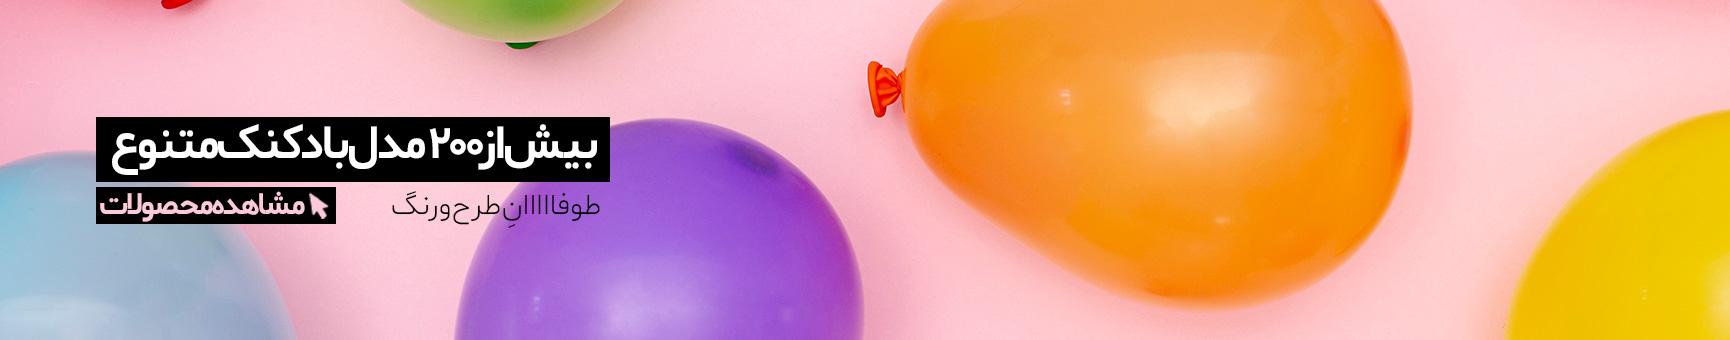 طوفاااااااااااان طرح و رنگ - هورا-لوازم جشن و تولد